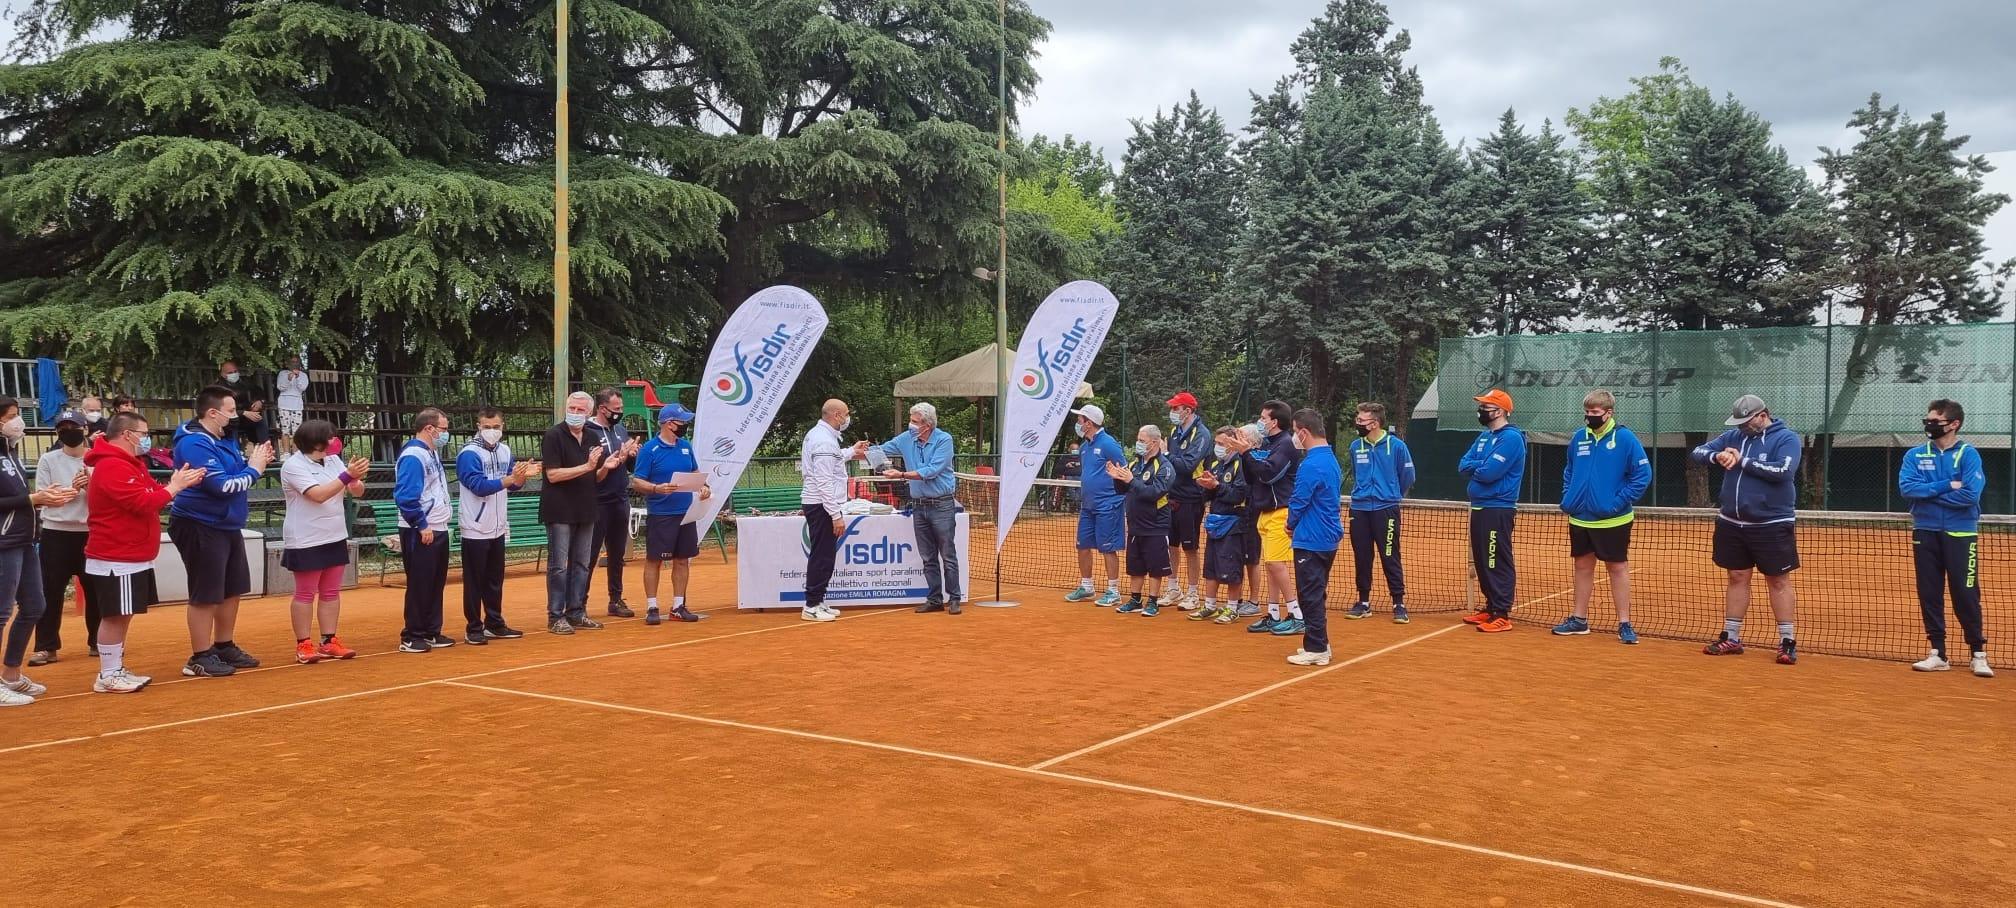 Tennis, i risultati della tappa di Ozzano dell'Emilia